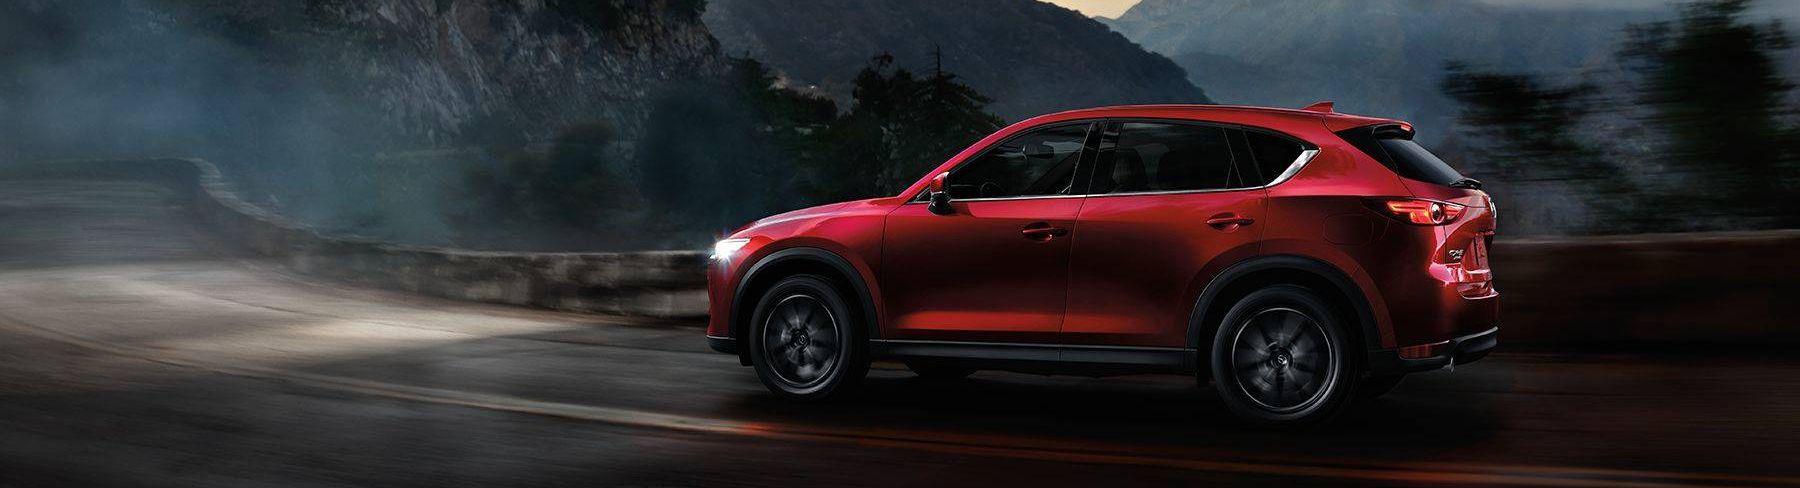 2018 Mazda Cx 5 For Sale In San Antonio Tx World Car Mazda North